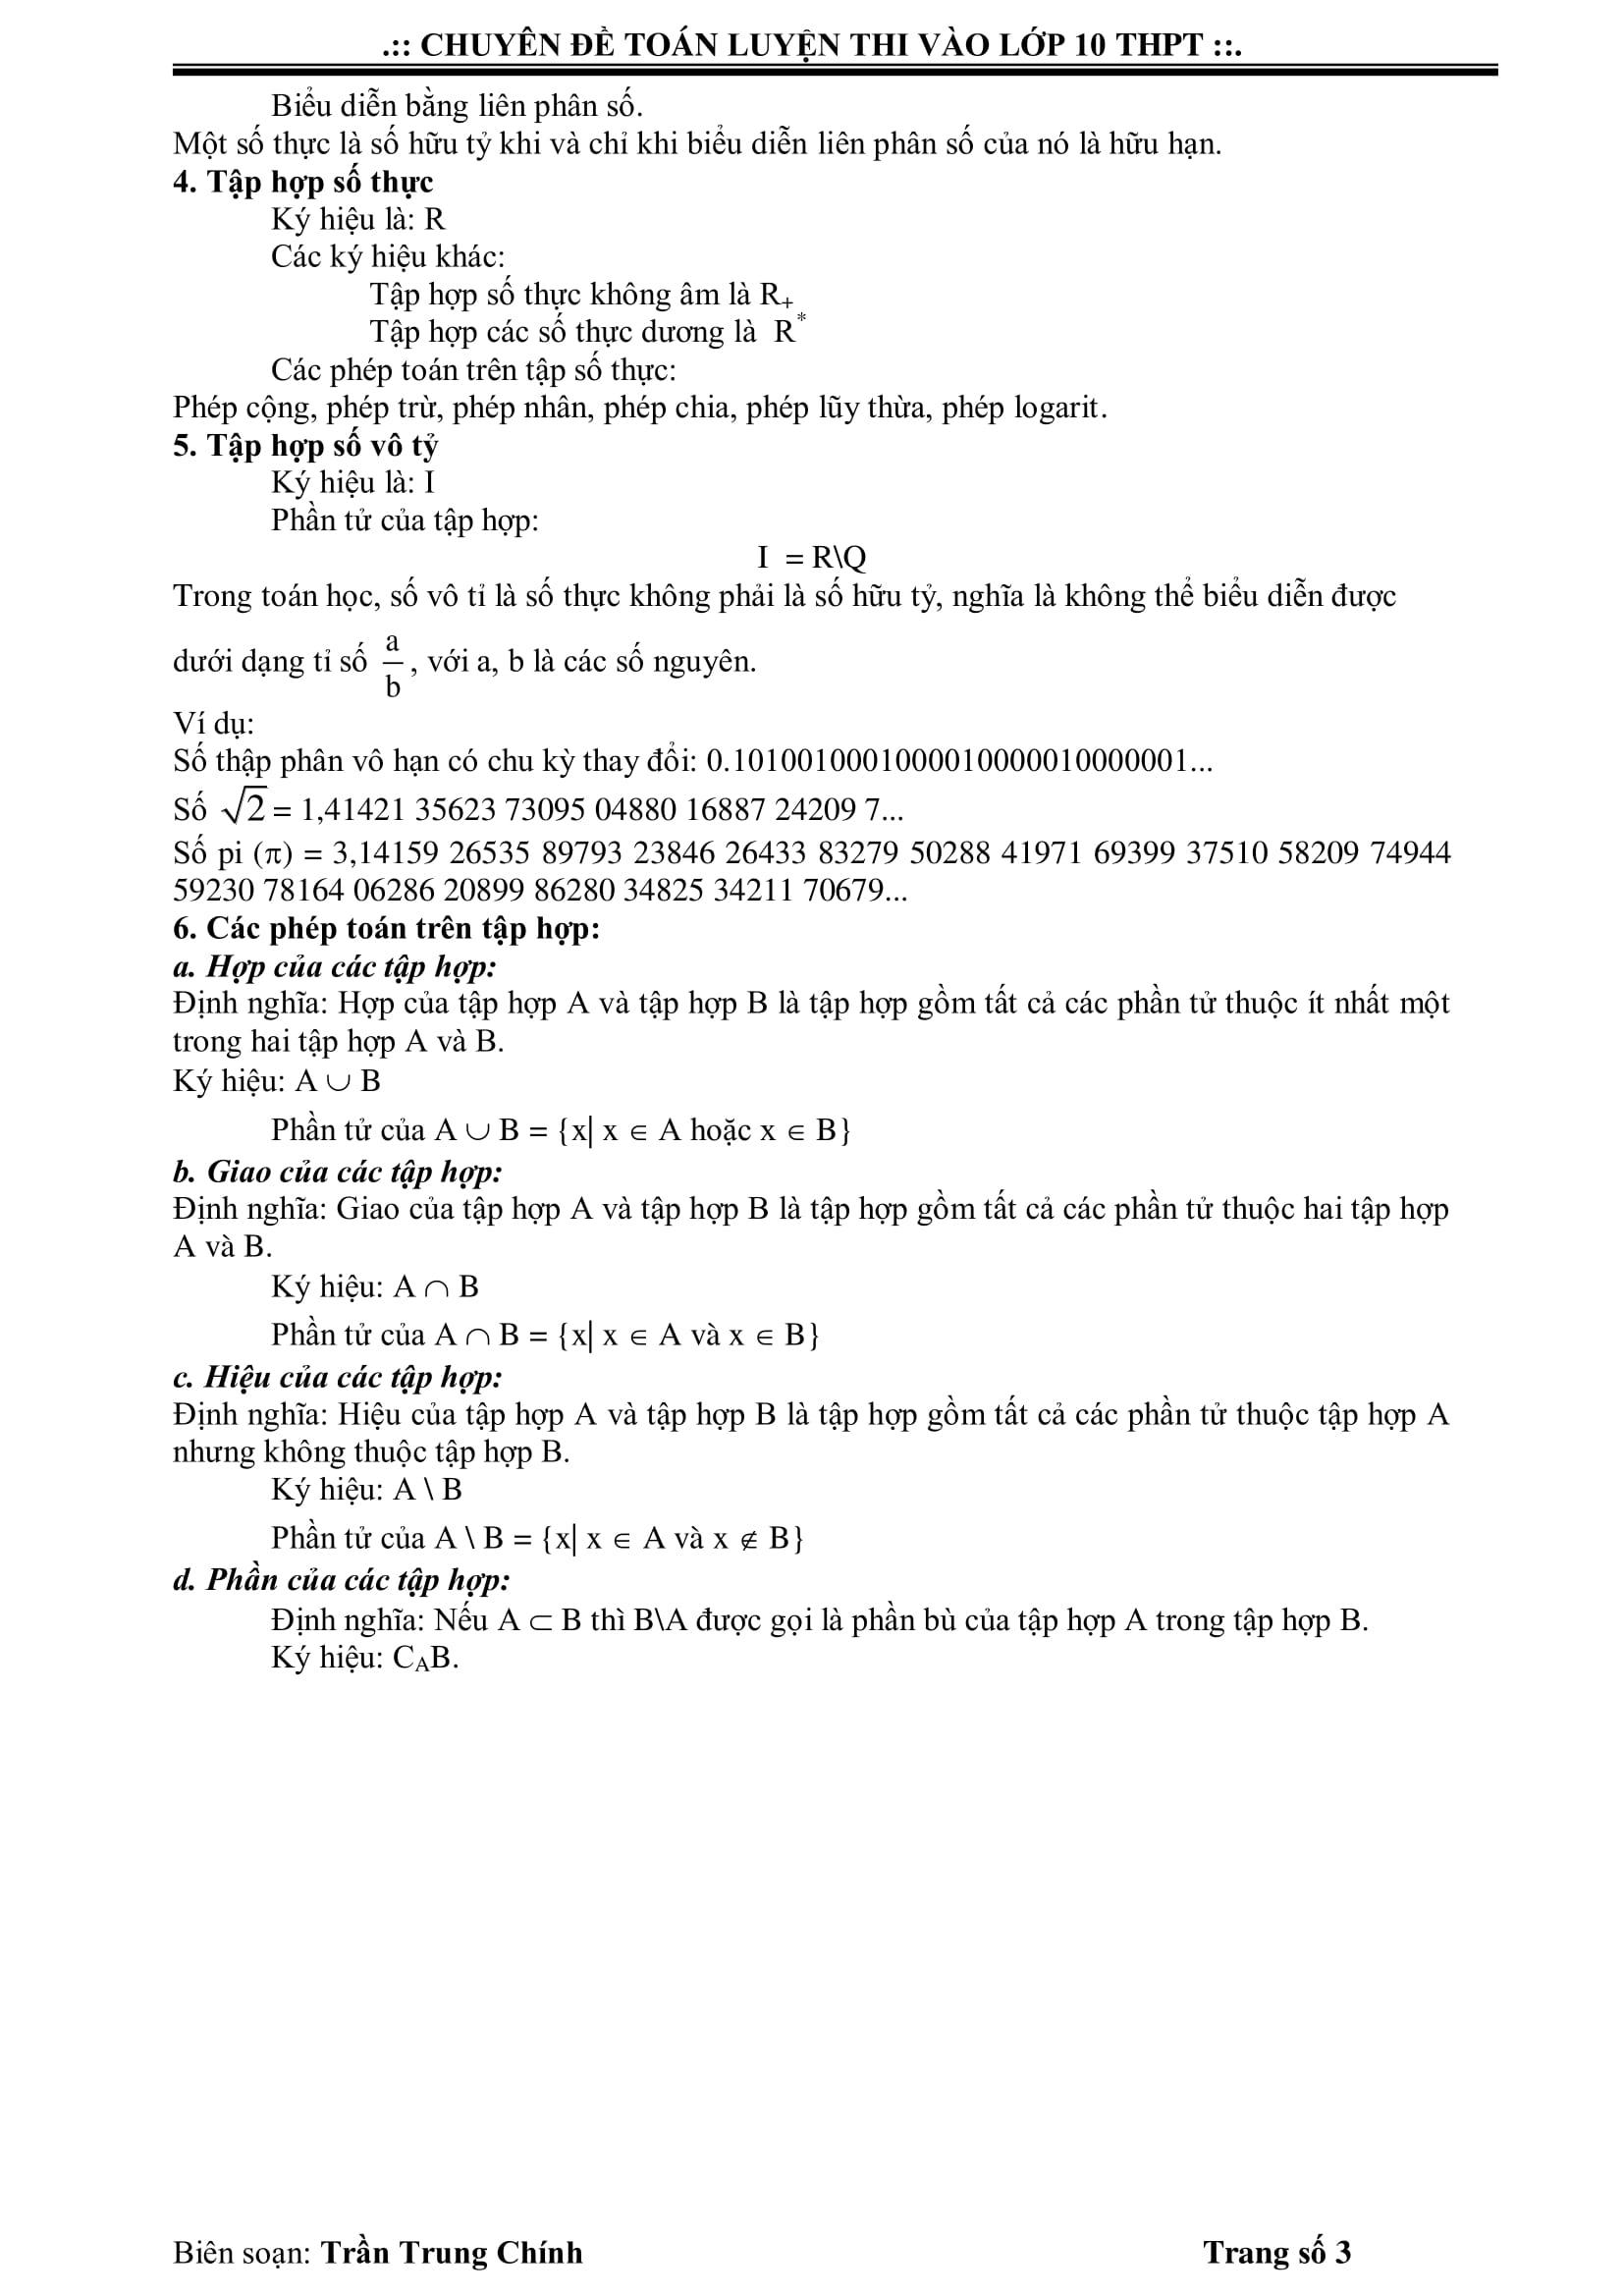 Đề cương ôn tập Đại số Toán 9 cả năm bài tập có lời giải